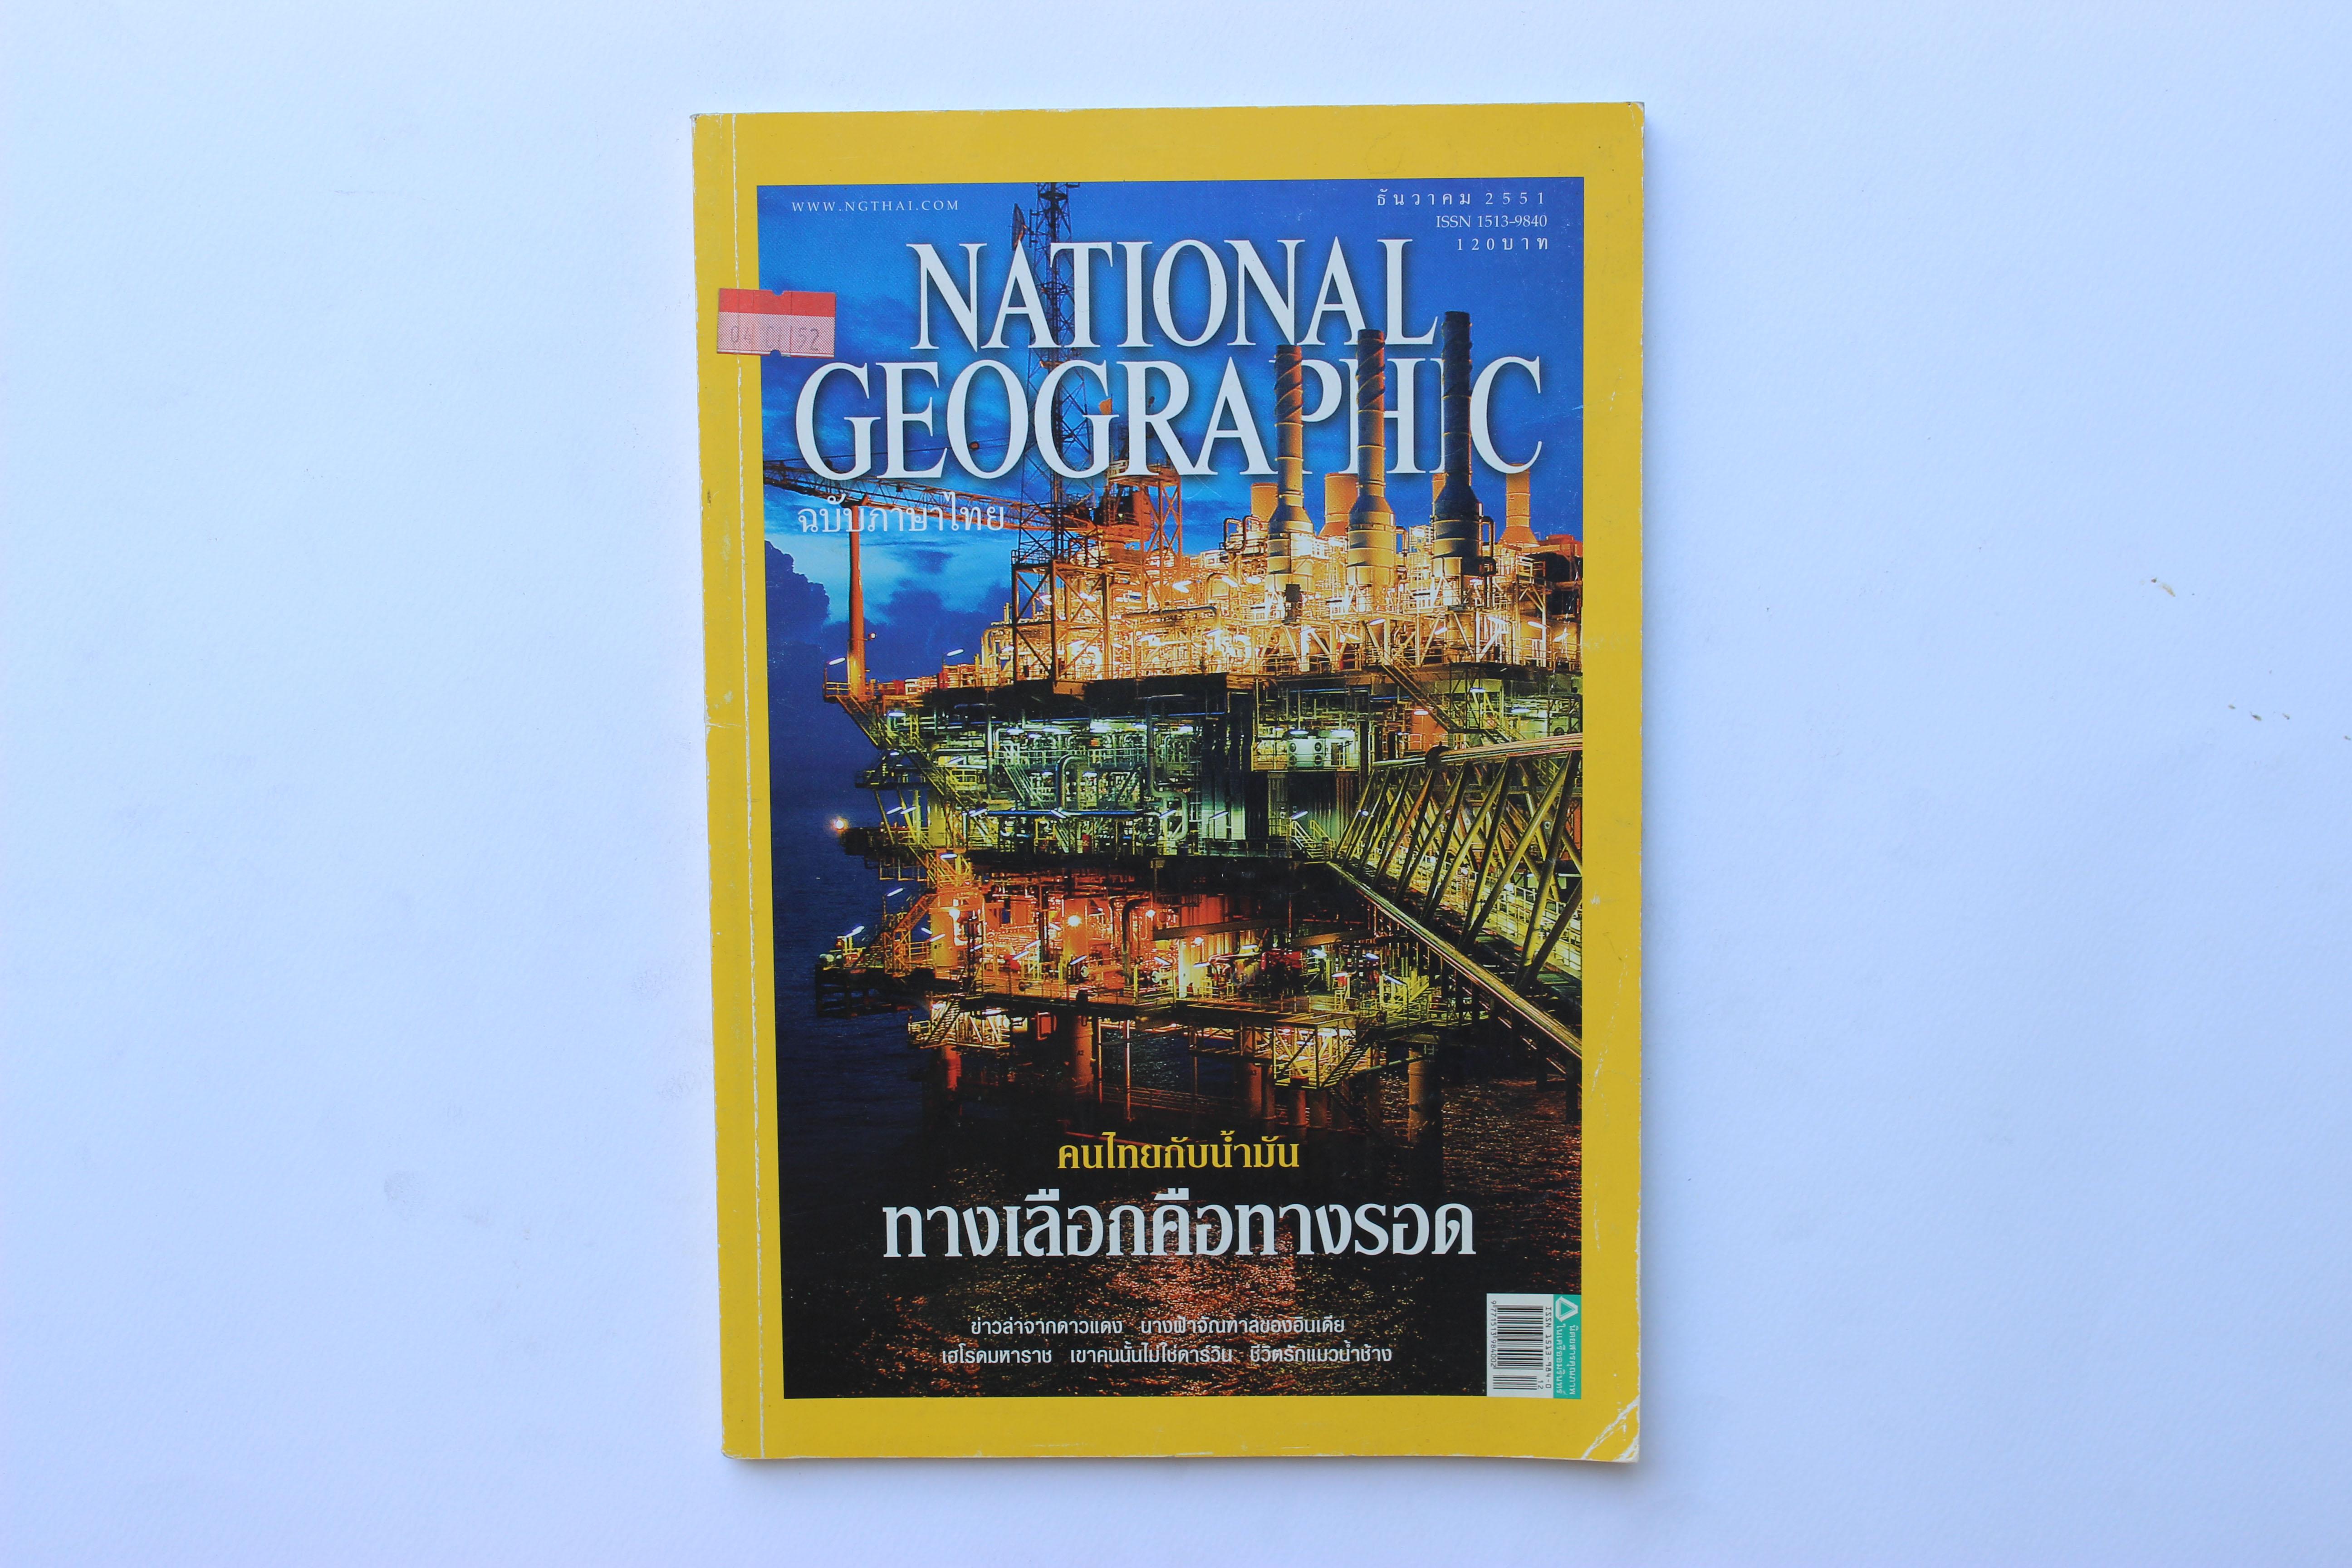 NATIONAL GEOGRAPHIC ฉบับภาษาไทย ธันวาคม 2551 คนไทยกับน้ำมัน ทางเลือกคือทางรอด *** (สินค้าหมดแล้ว)